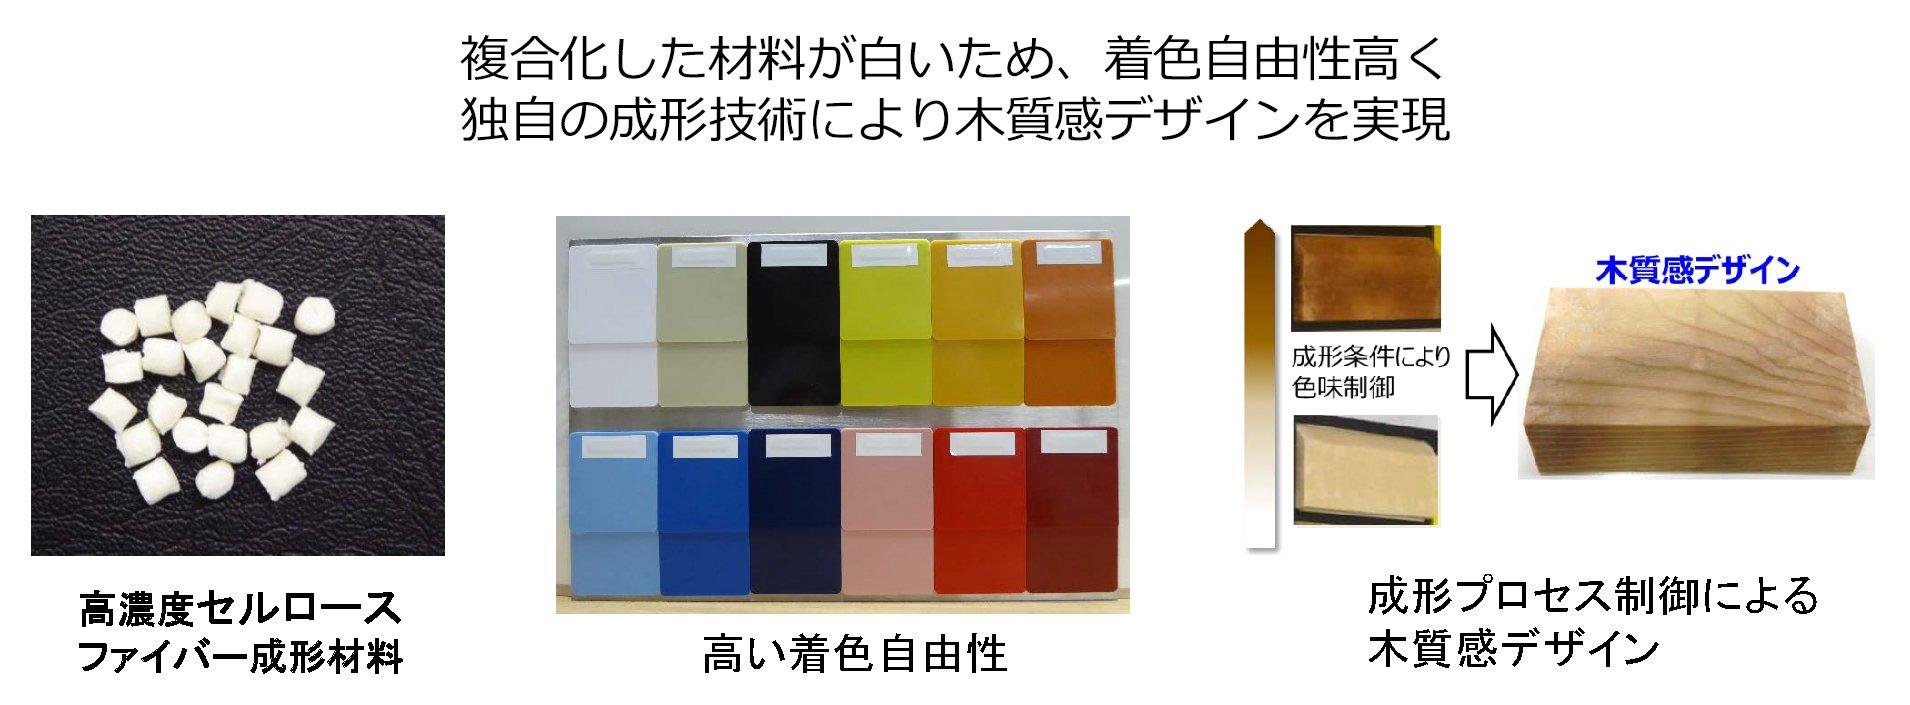 図:複合化した材料が白いため、着色自由性高く、独自の成形技術により木質感デザインを実現。